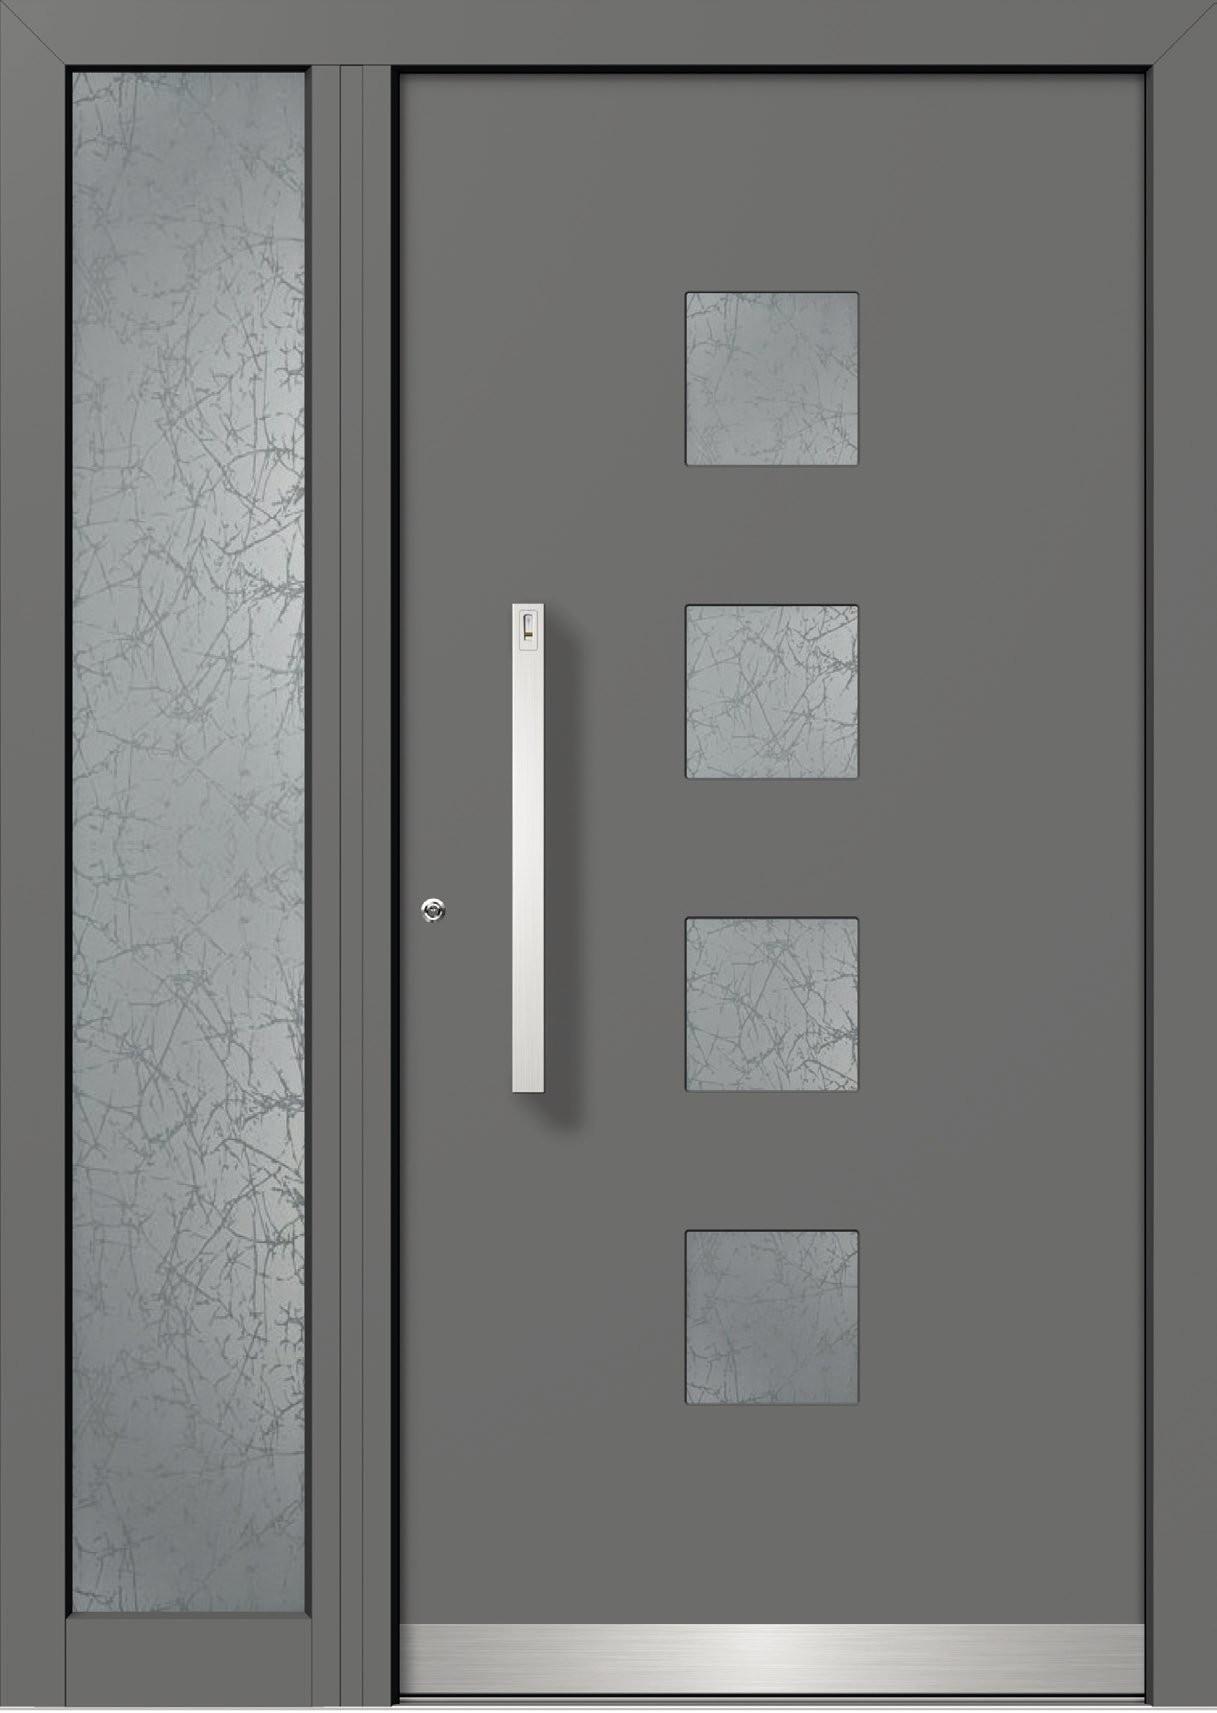 Full Size of Kostenvergleich Fenster Kunststoff Holz Alu Holz Aluminium Preise Holz Alu Preis Kosten Erfahrungen Preisvergleich Pro M2 Hersteller Garten Loungemöbel Alte Fenster Fenster Holz Alu